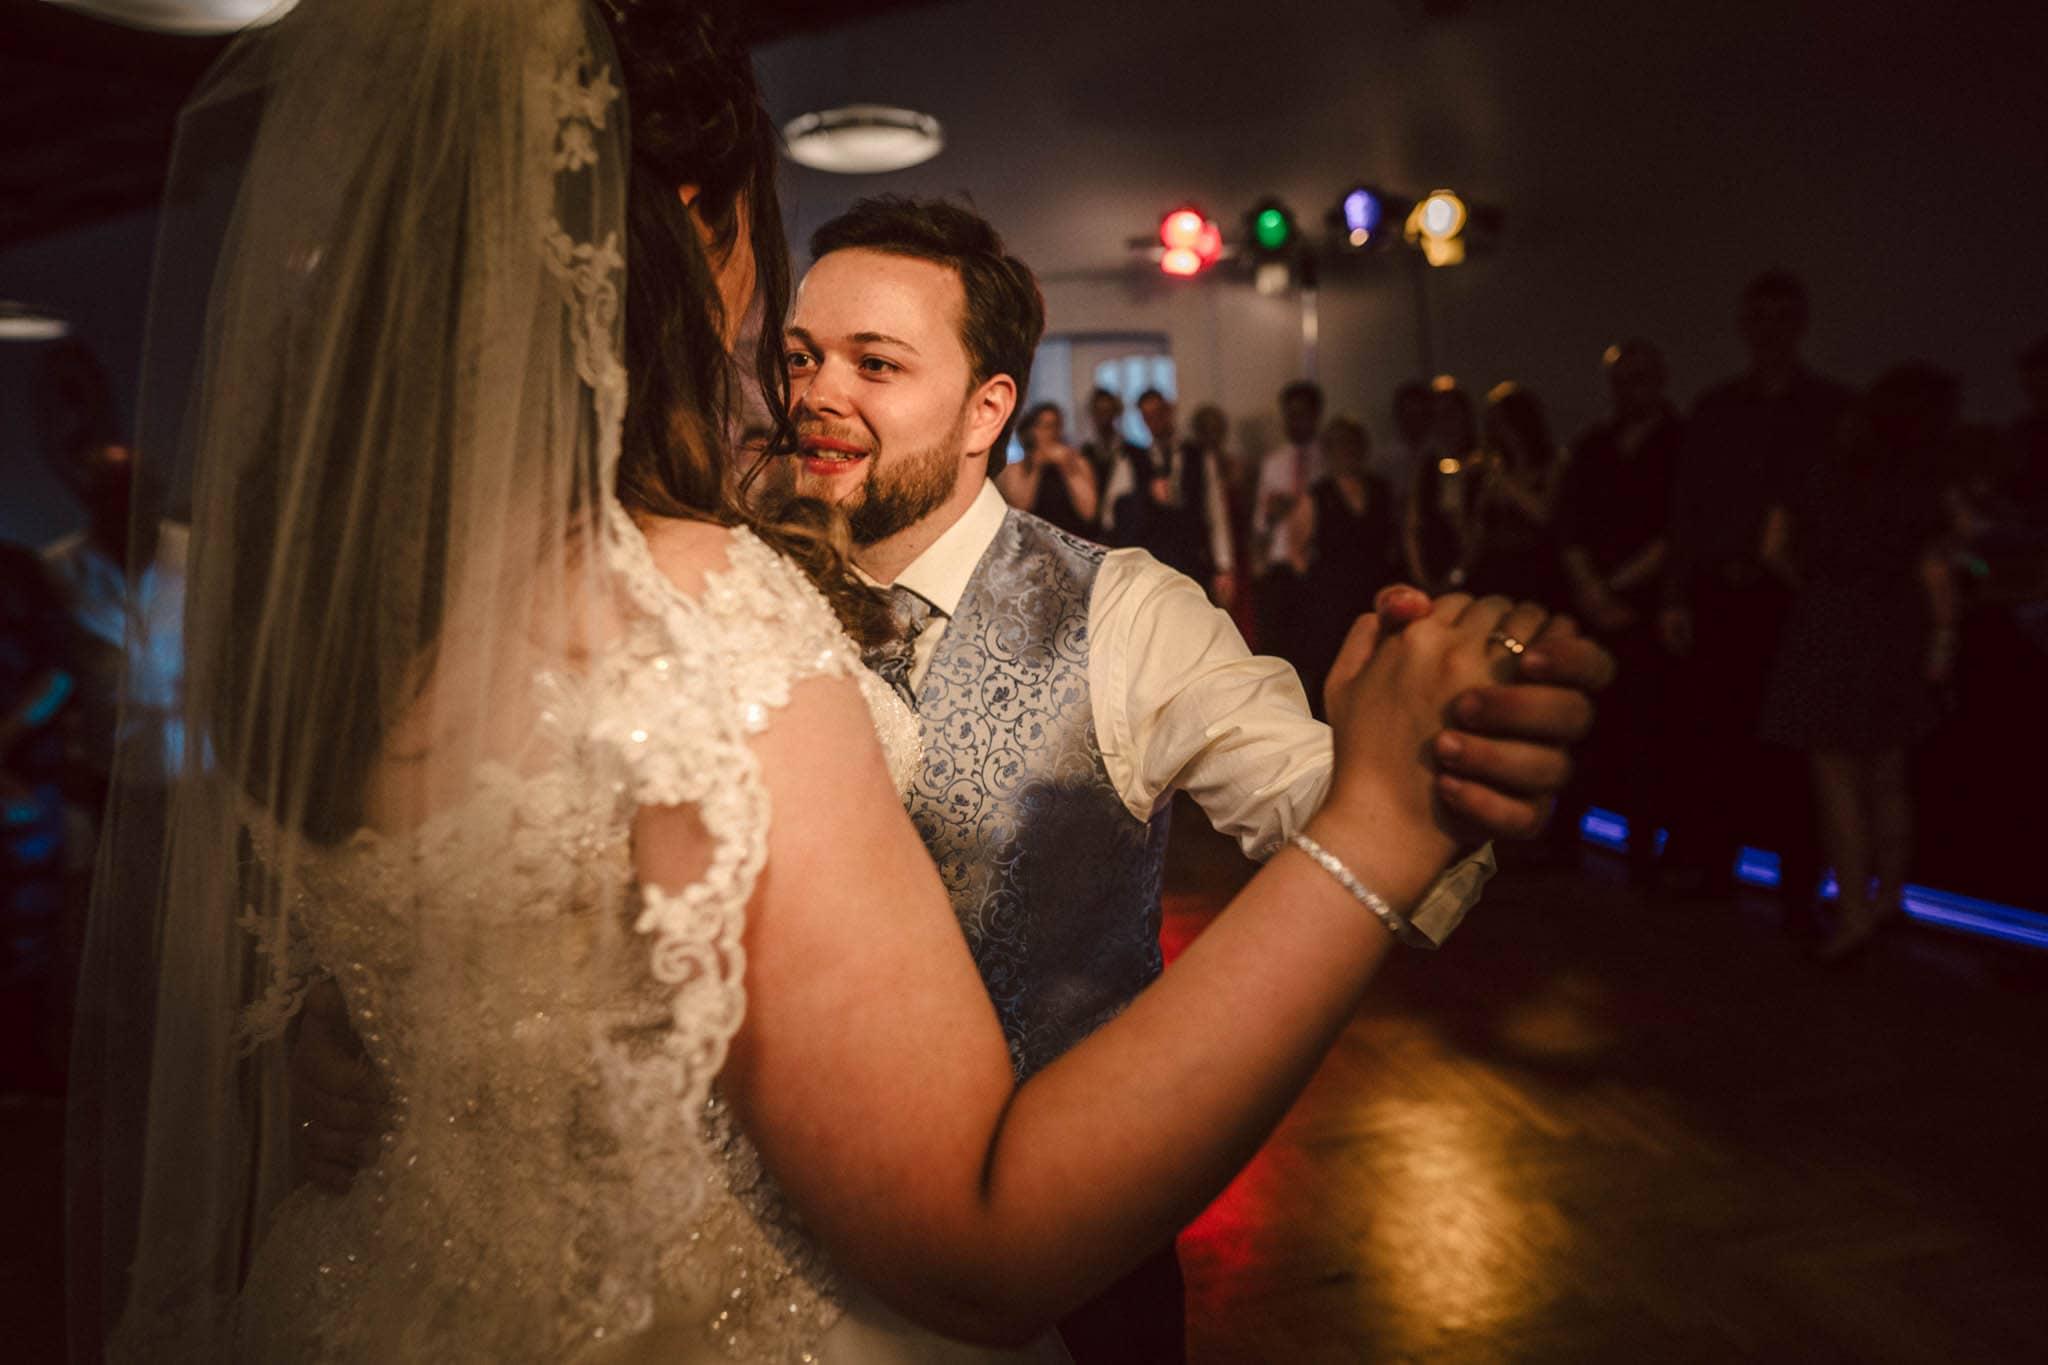 Hochzeitsfieber by Photo-Schomburg, Hochzeitsfotograf, Hamburg, Altona, wedding, Standesamt Altona, Appen, Hochzeitsshooting, Hochzeitstag, Brautpaar-98